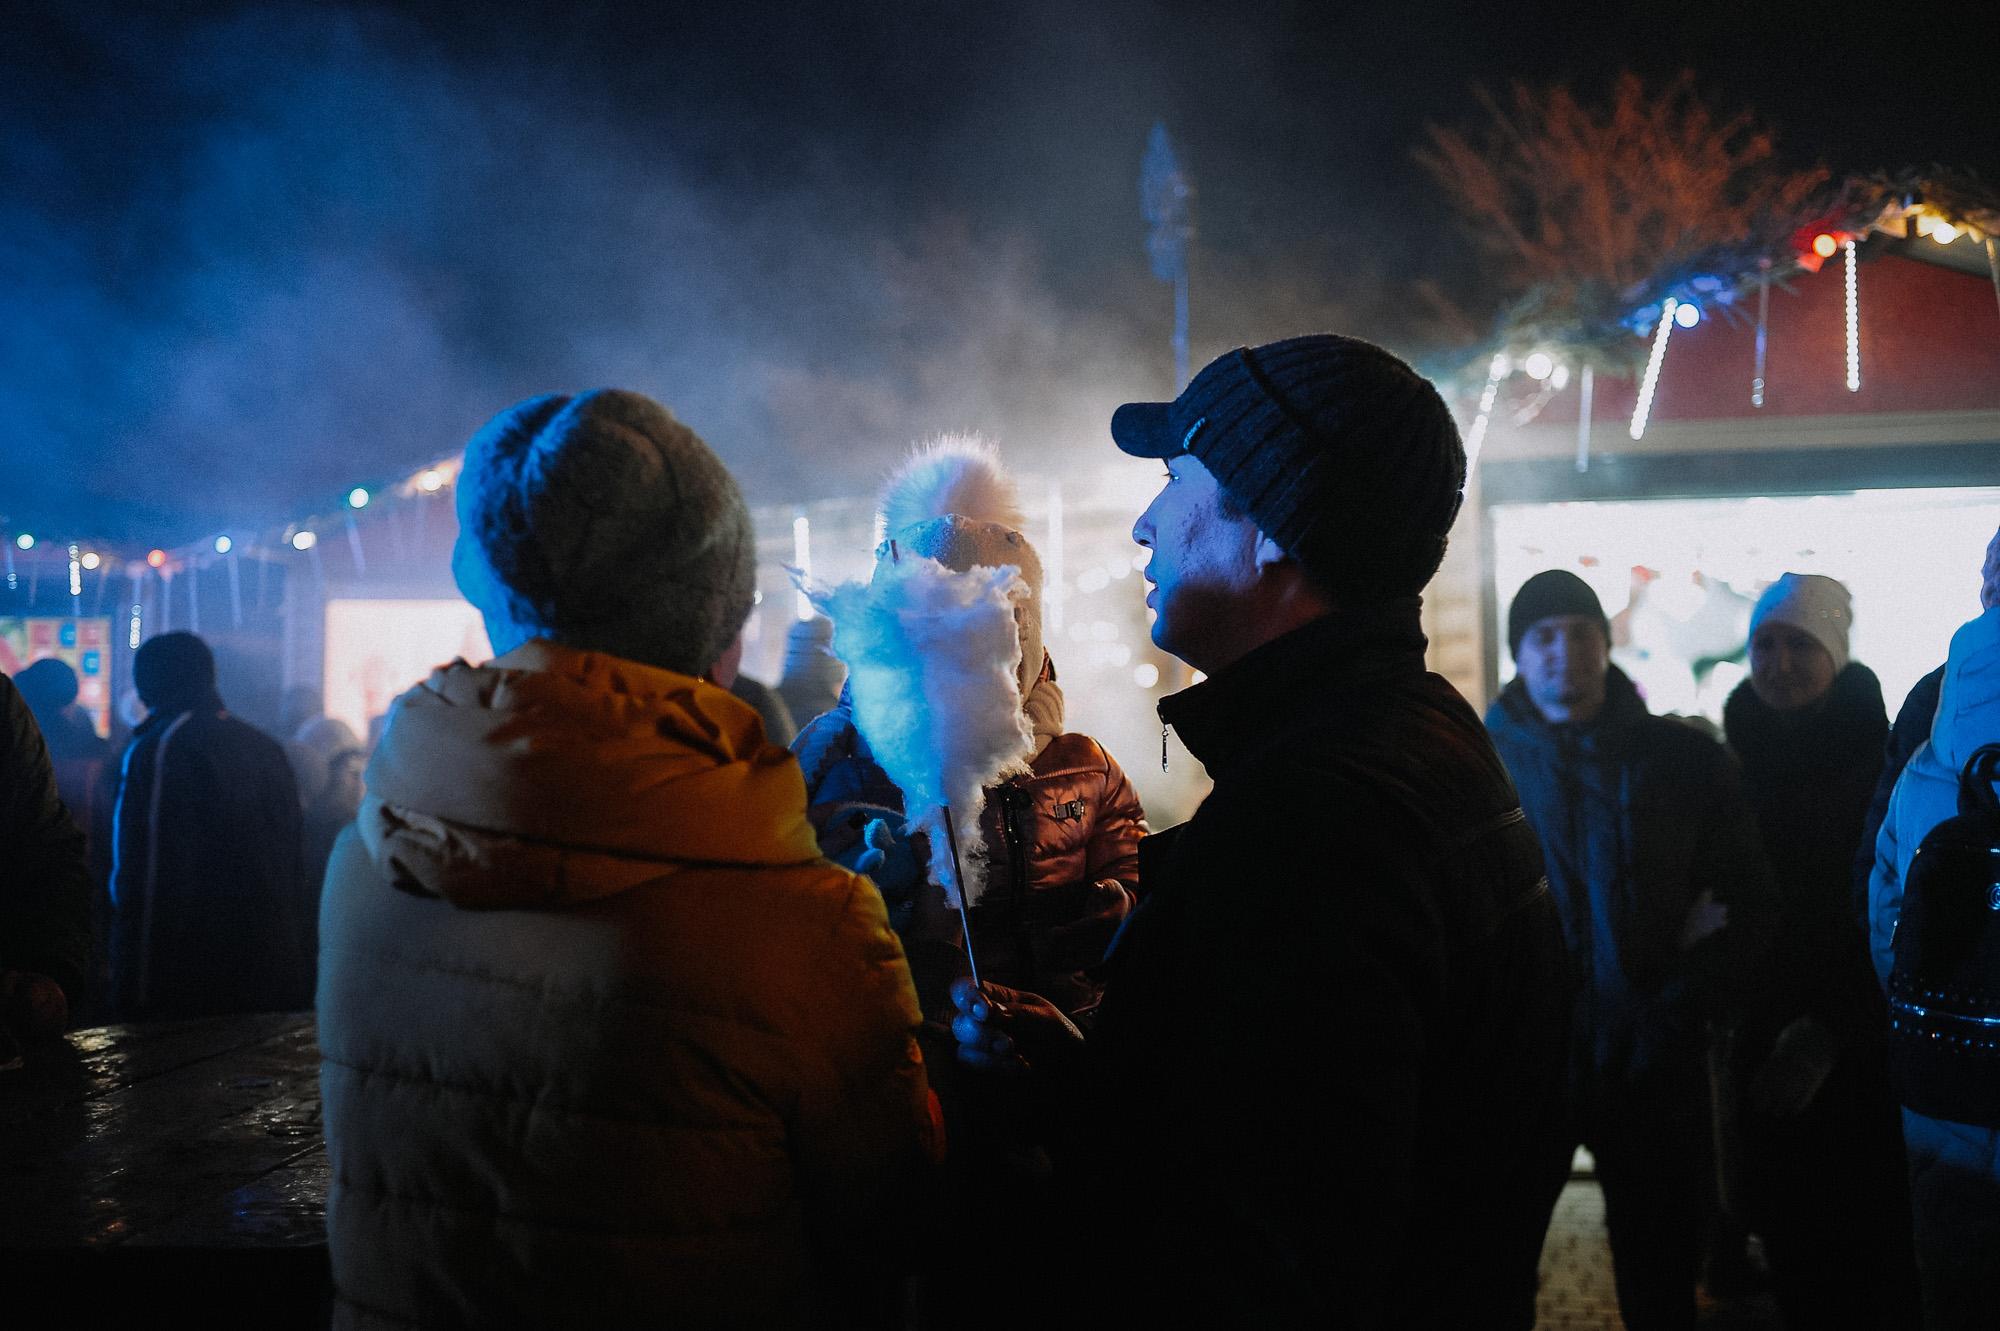 ZZZ 6814 В Астрахани на площади Ленина зажгли новогоднюю елку: кадры торжества